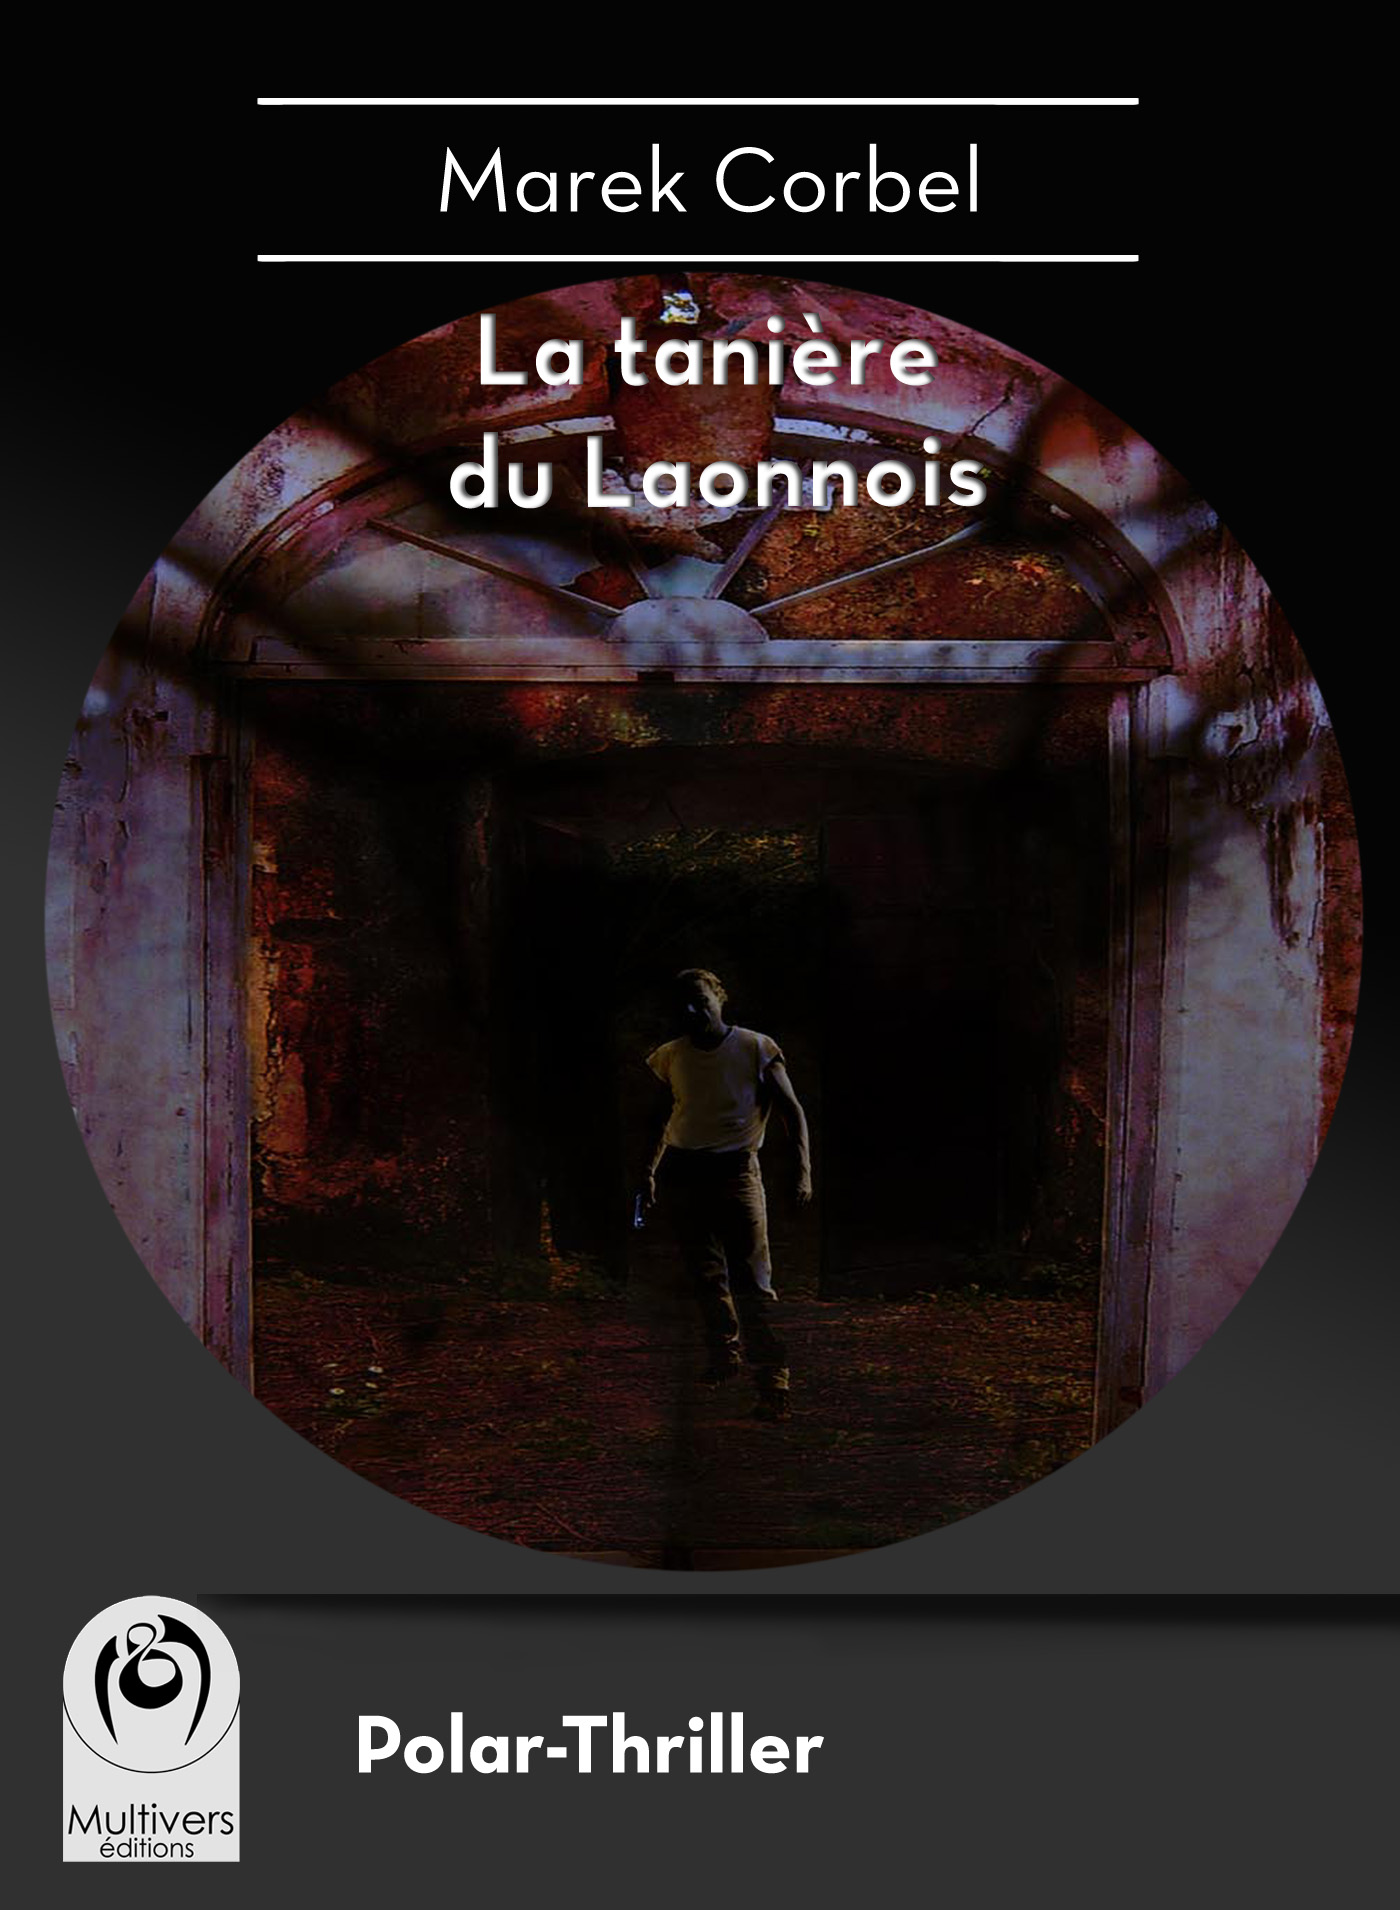 La tanière du Laonnois